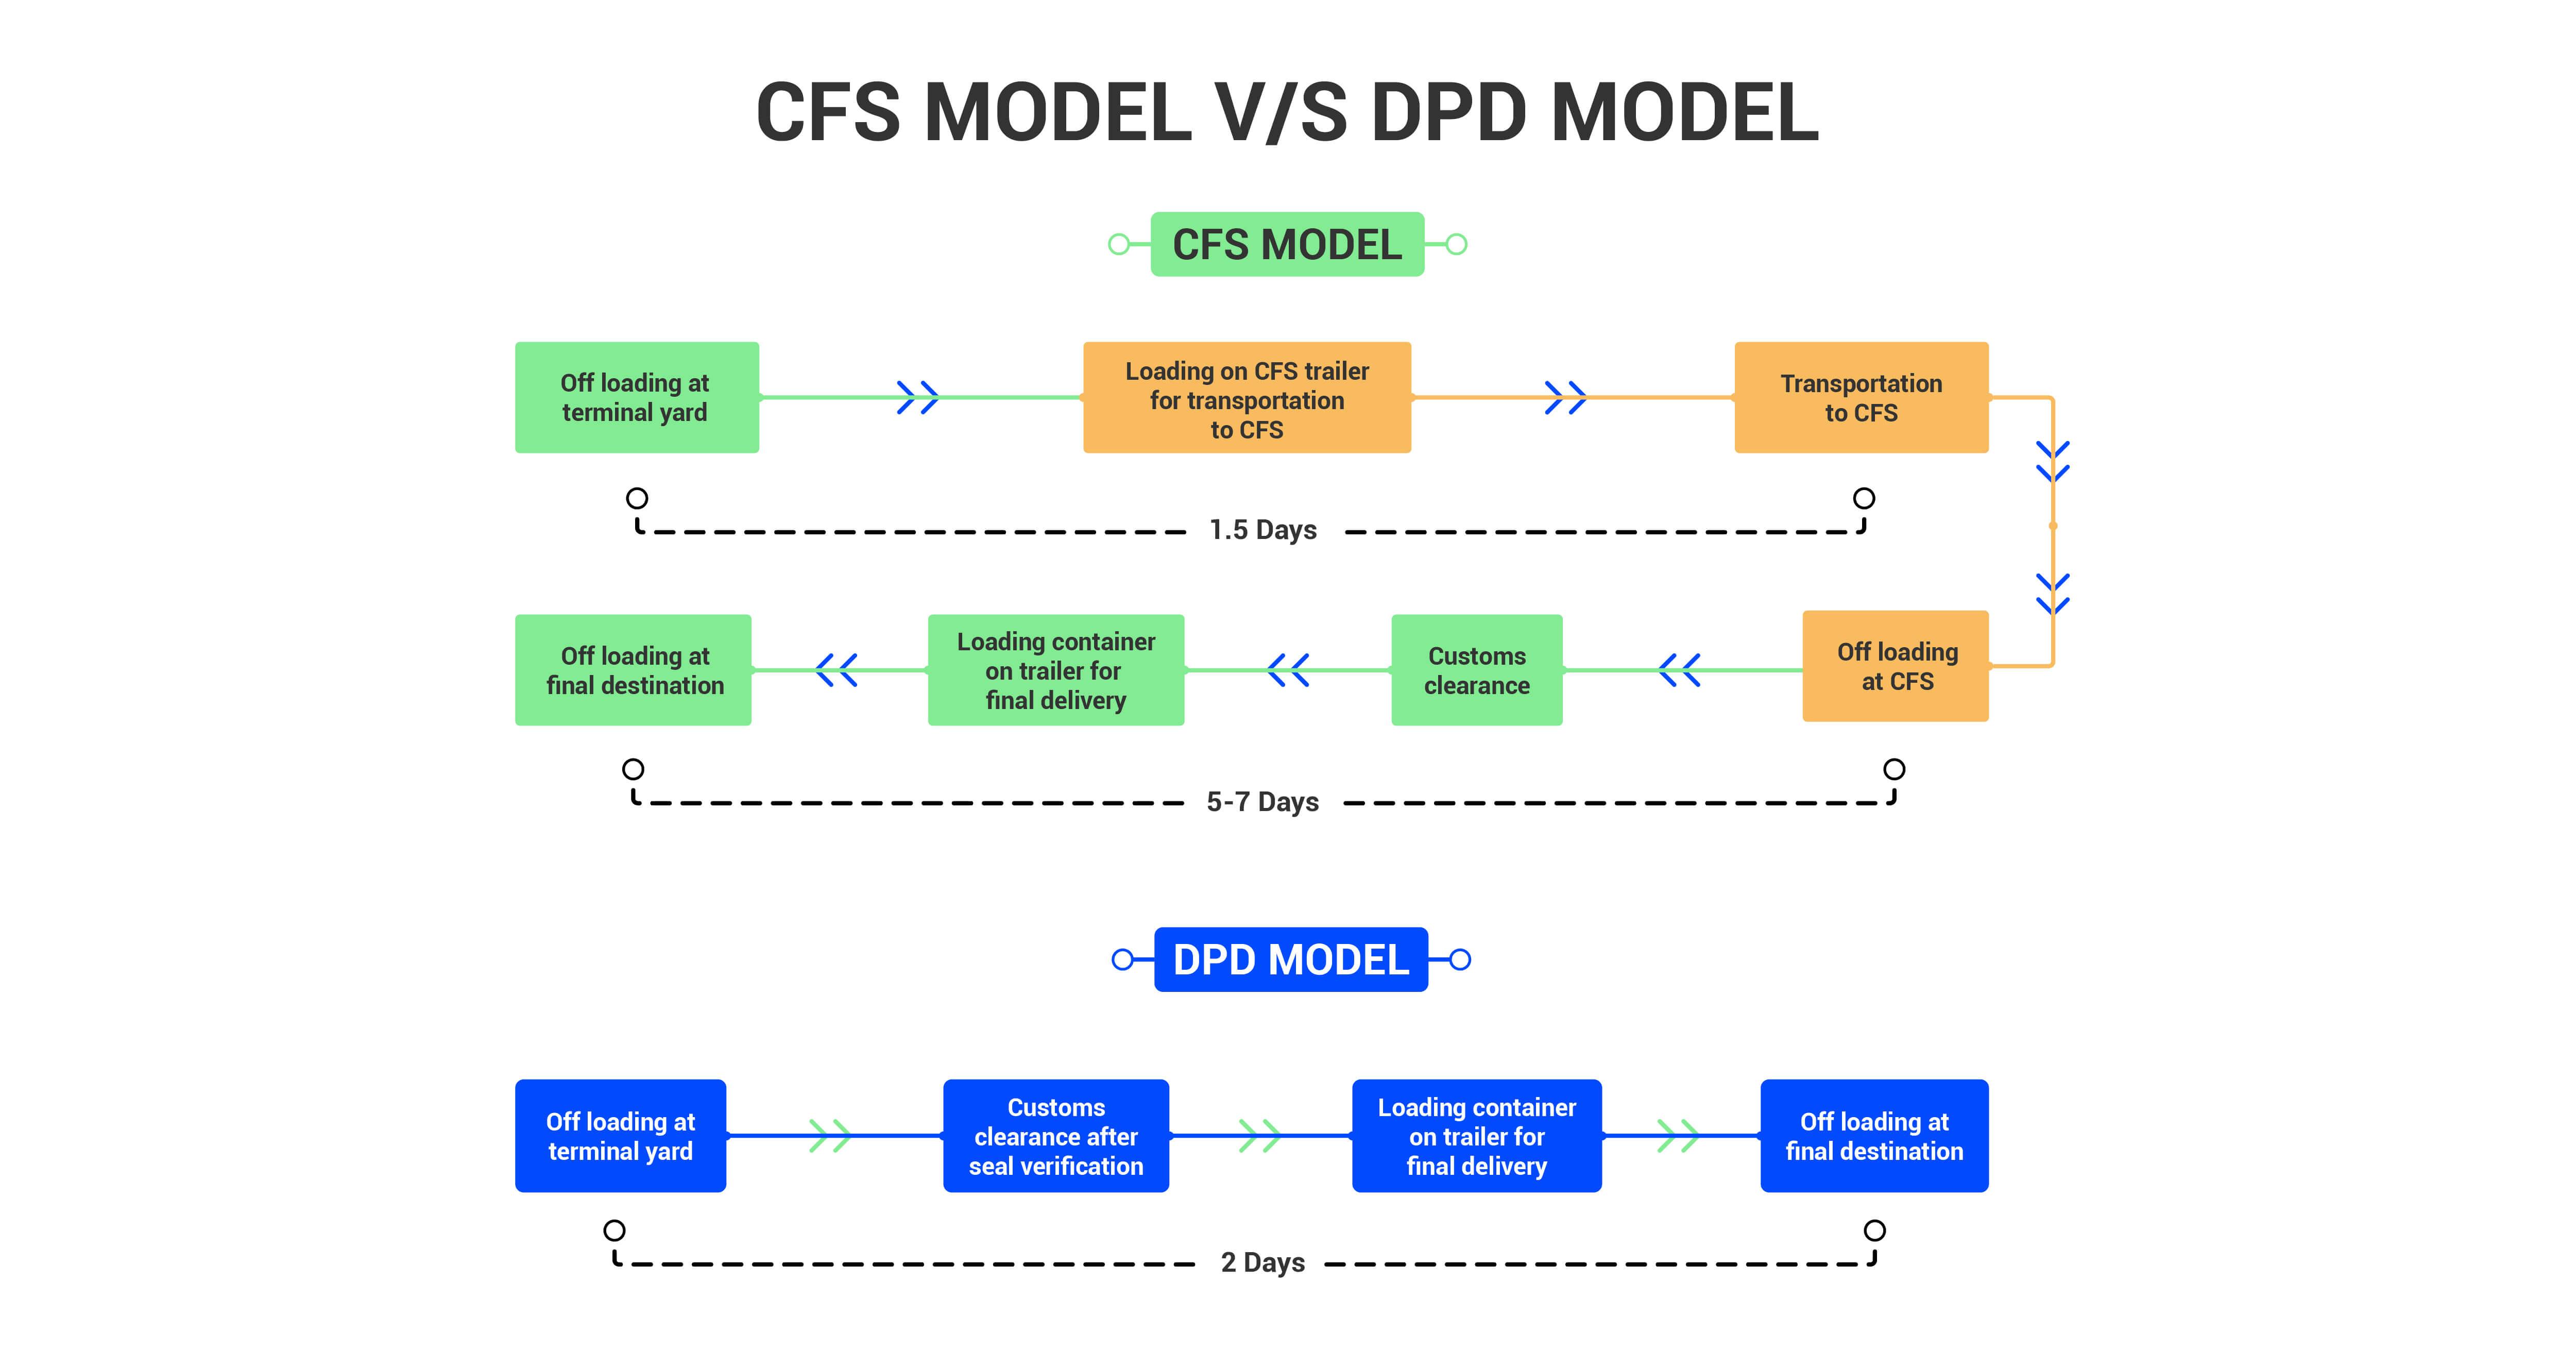 CFS Model V/S DPD Model